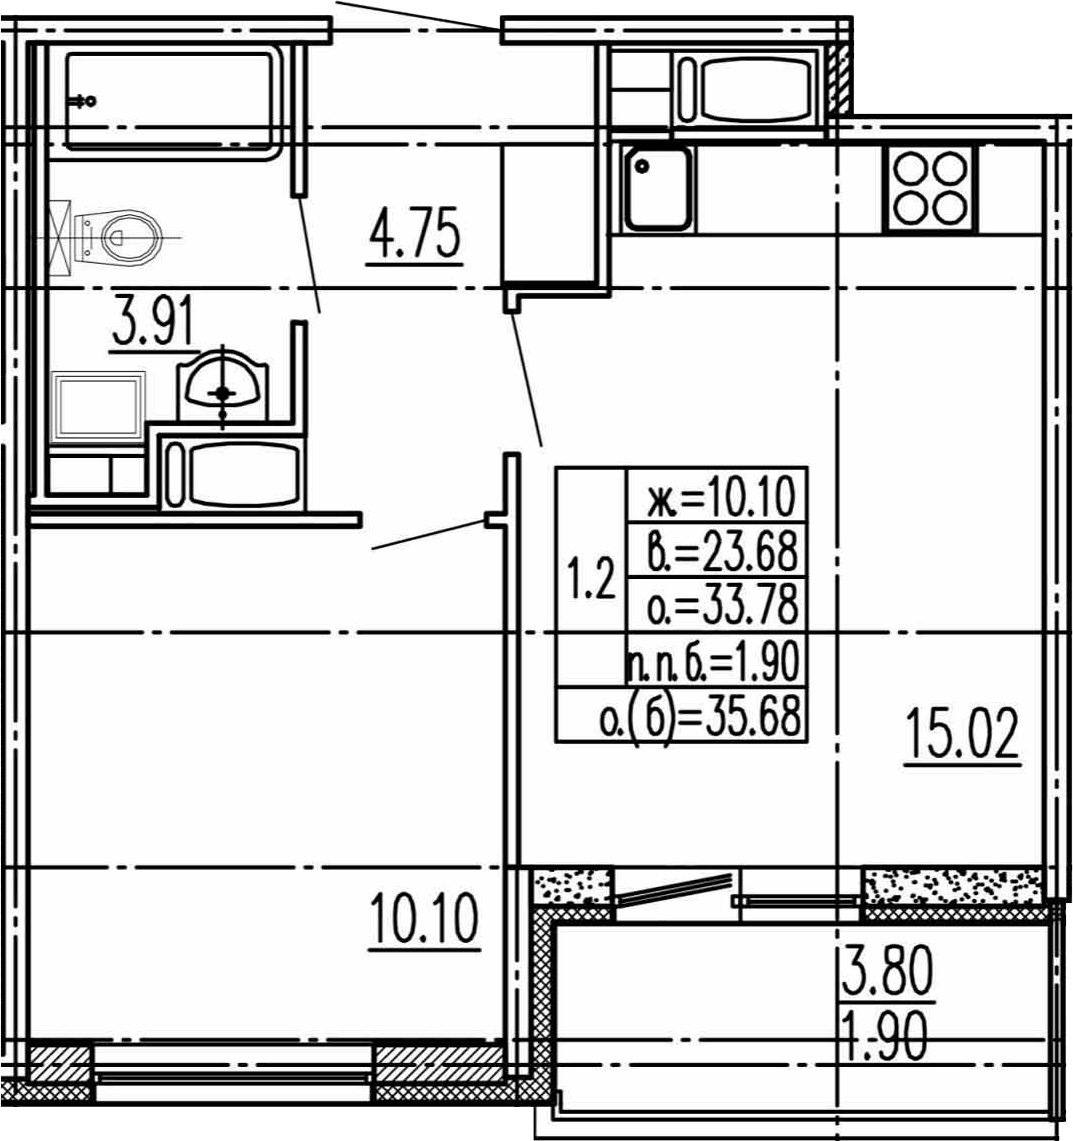 2Е-к.кв, 33.78 м², 10 этаж